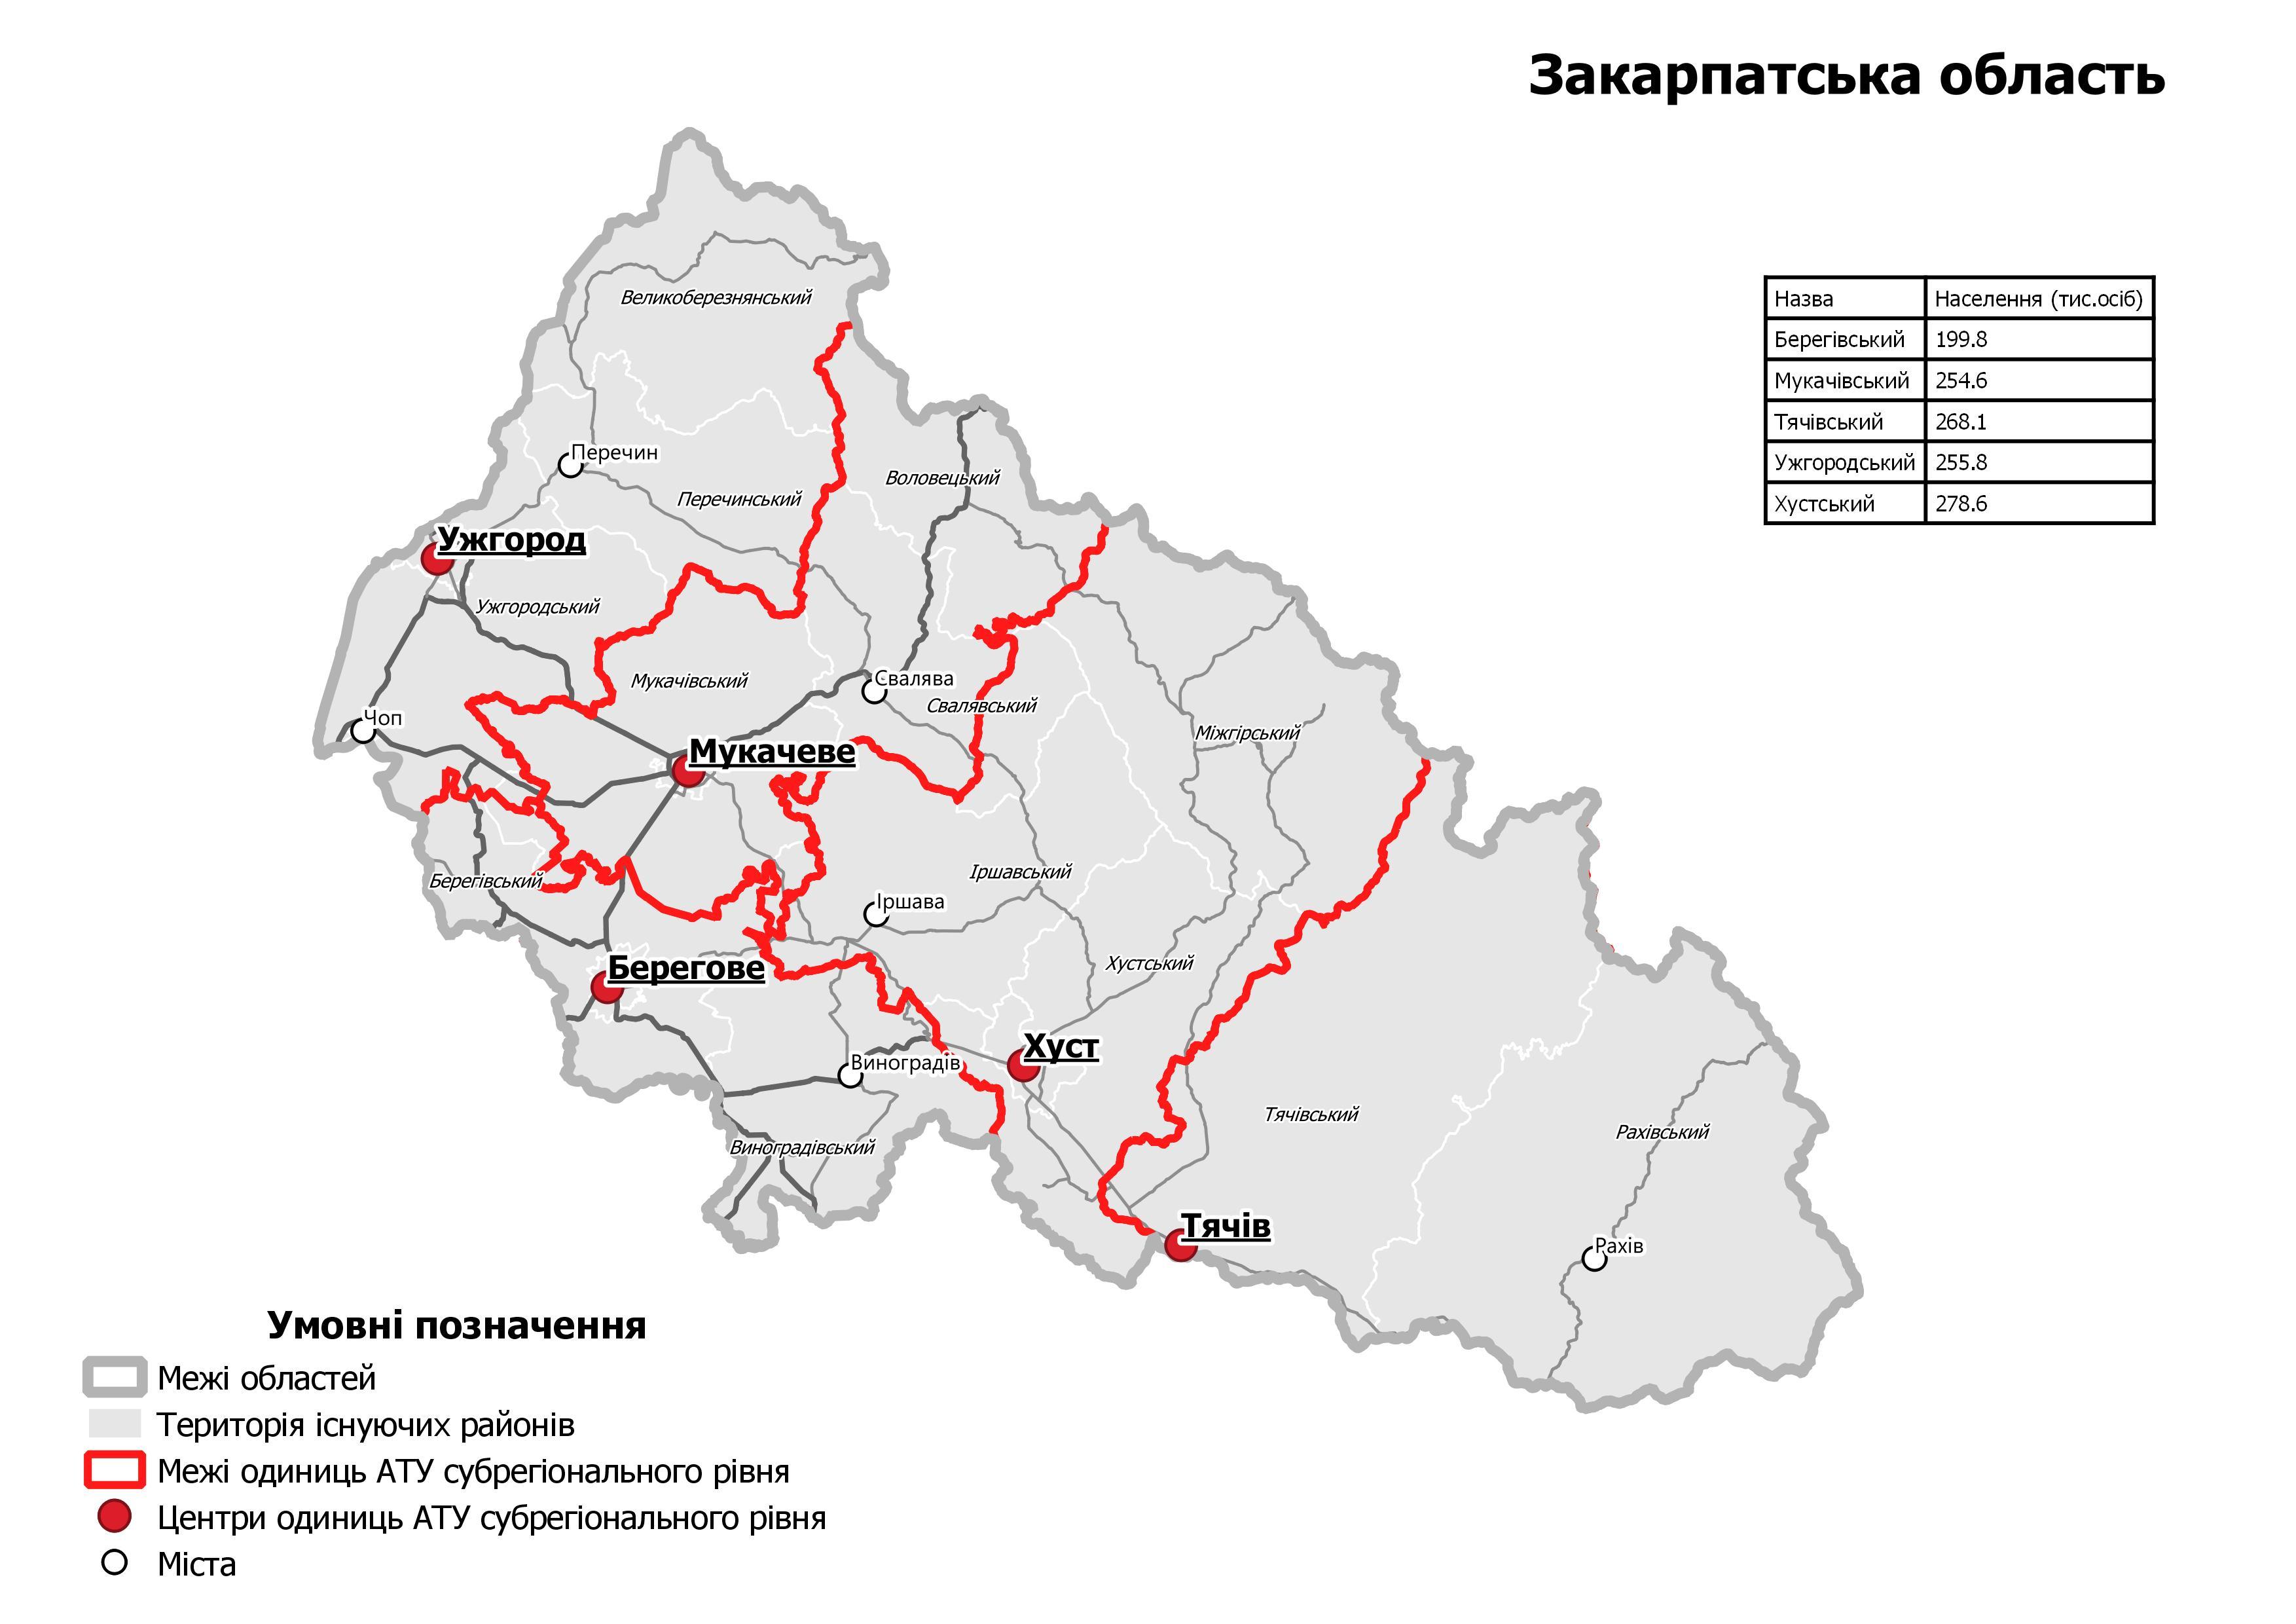 Мінрегіон оприлюднив проєкт майбутніх районів Закарпатської області